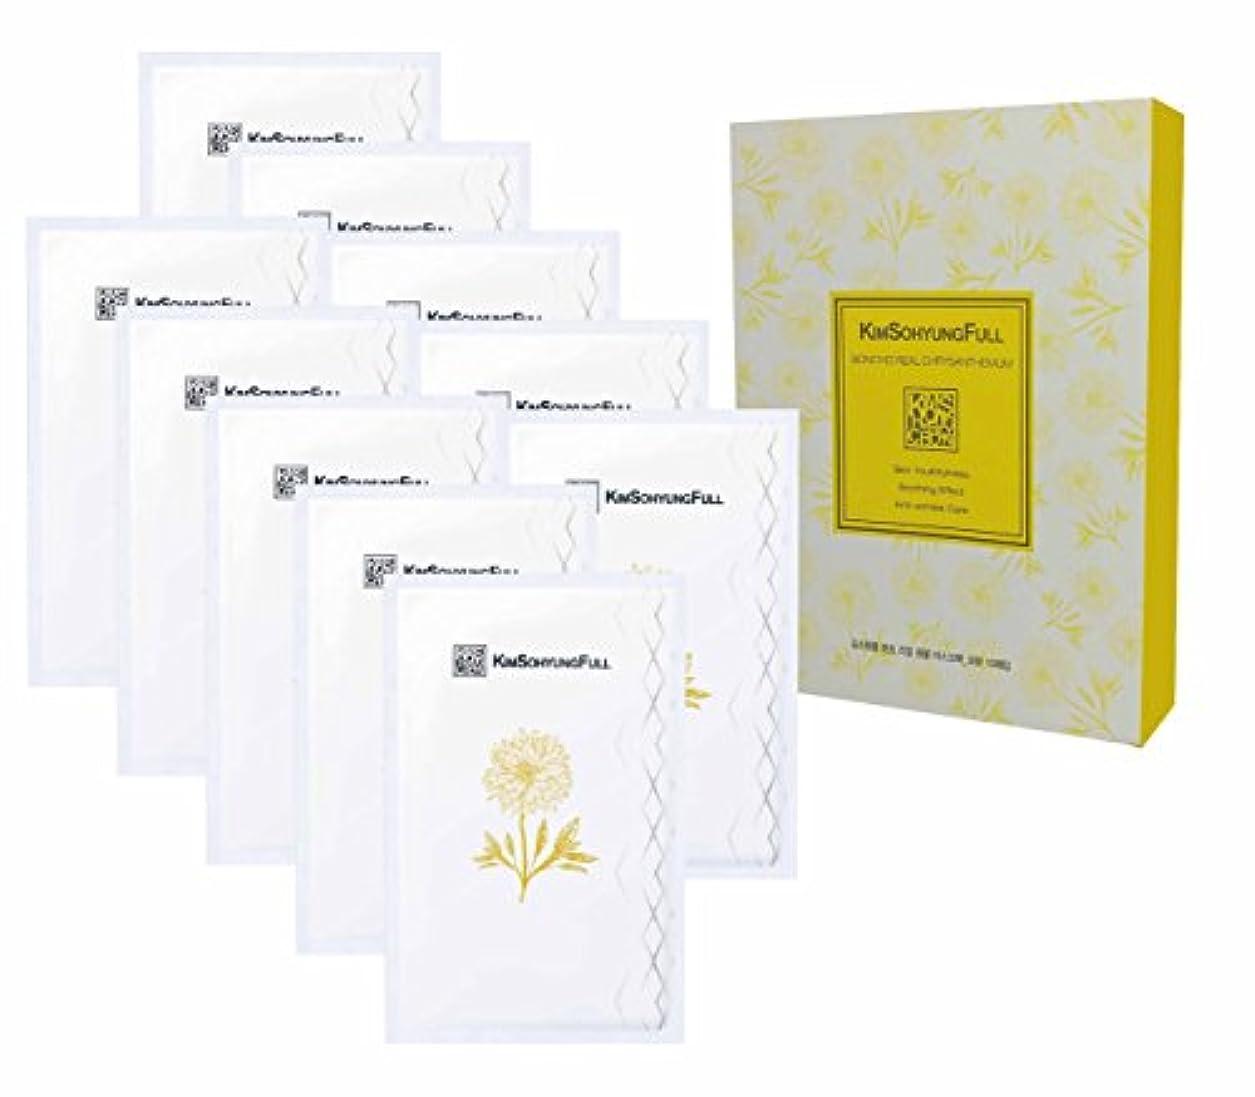 ミキサー偏見啓示[ギムソヒョンフル] 本草 本物の菊使ったシートマスク10枚パック -本物の菊の花びらを 6%配合、革新的な3層式の100%天然植物由来シート、23ml / 0.77液体オンス